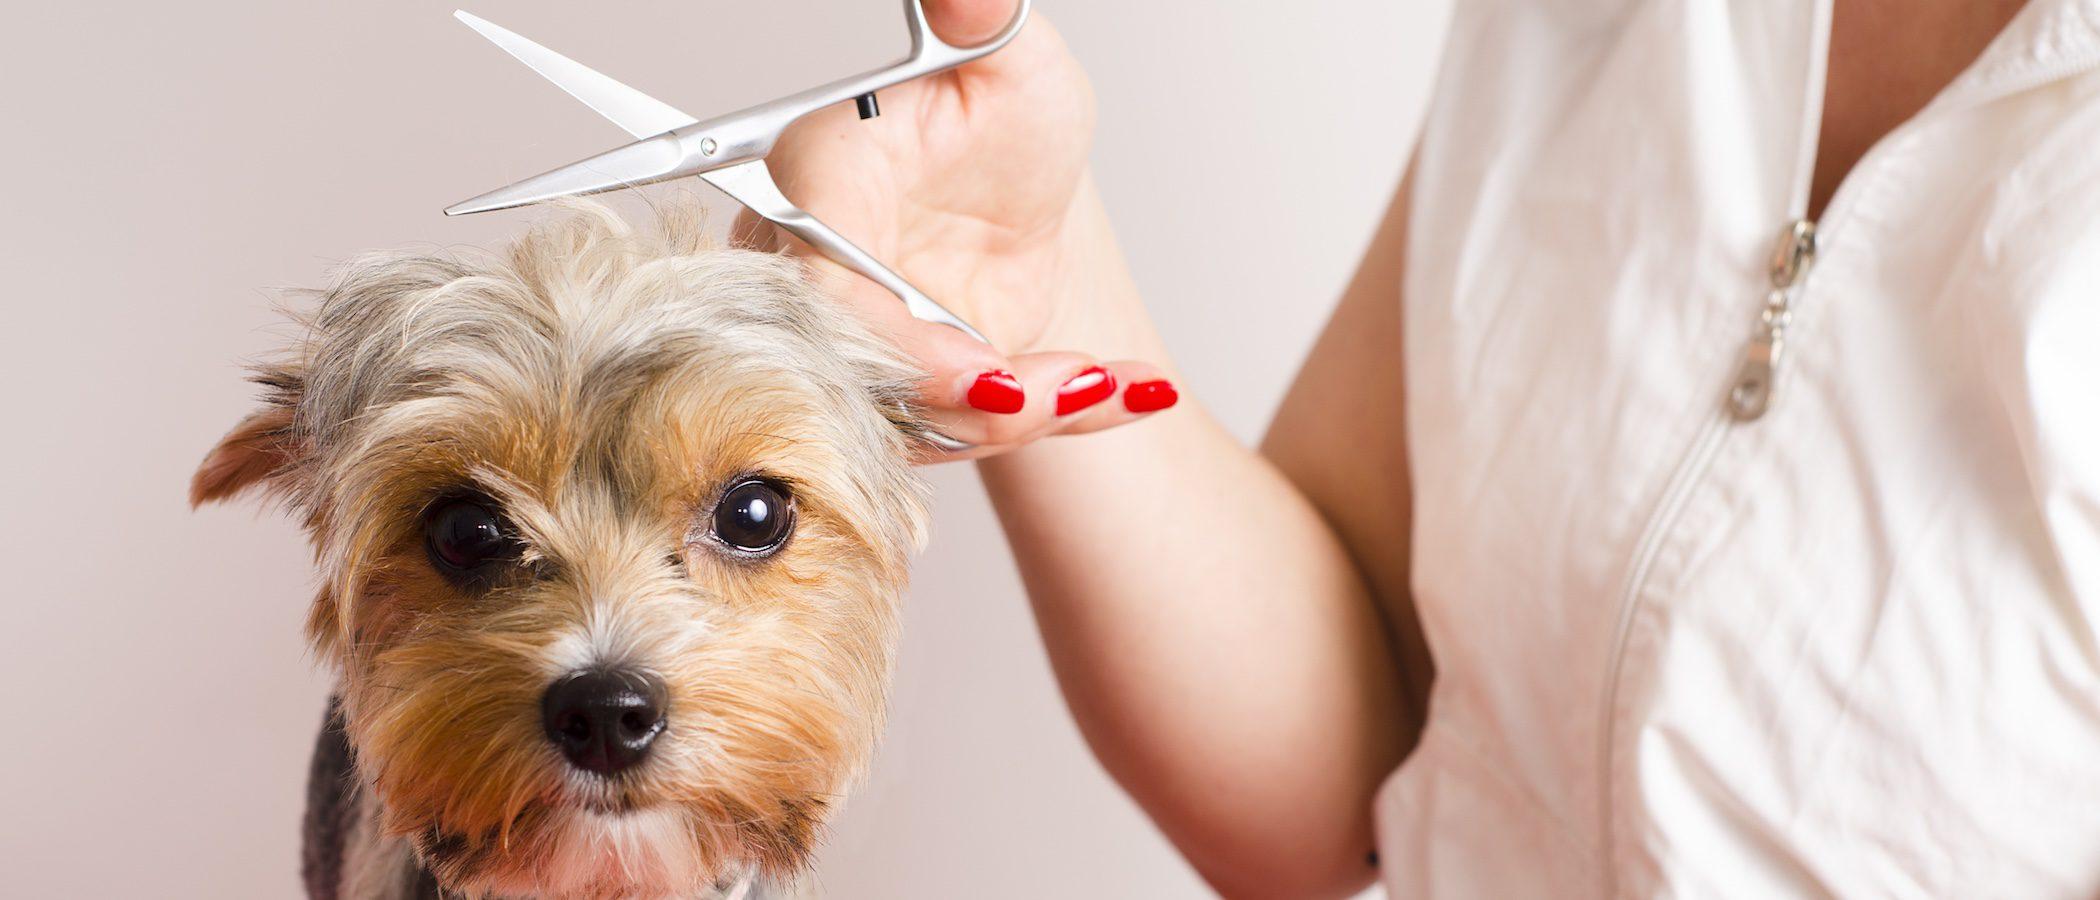 Stripping: El peluquero le quiere 'arrancar' el pelo a mi perro